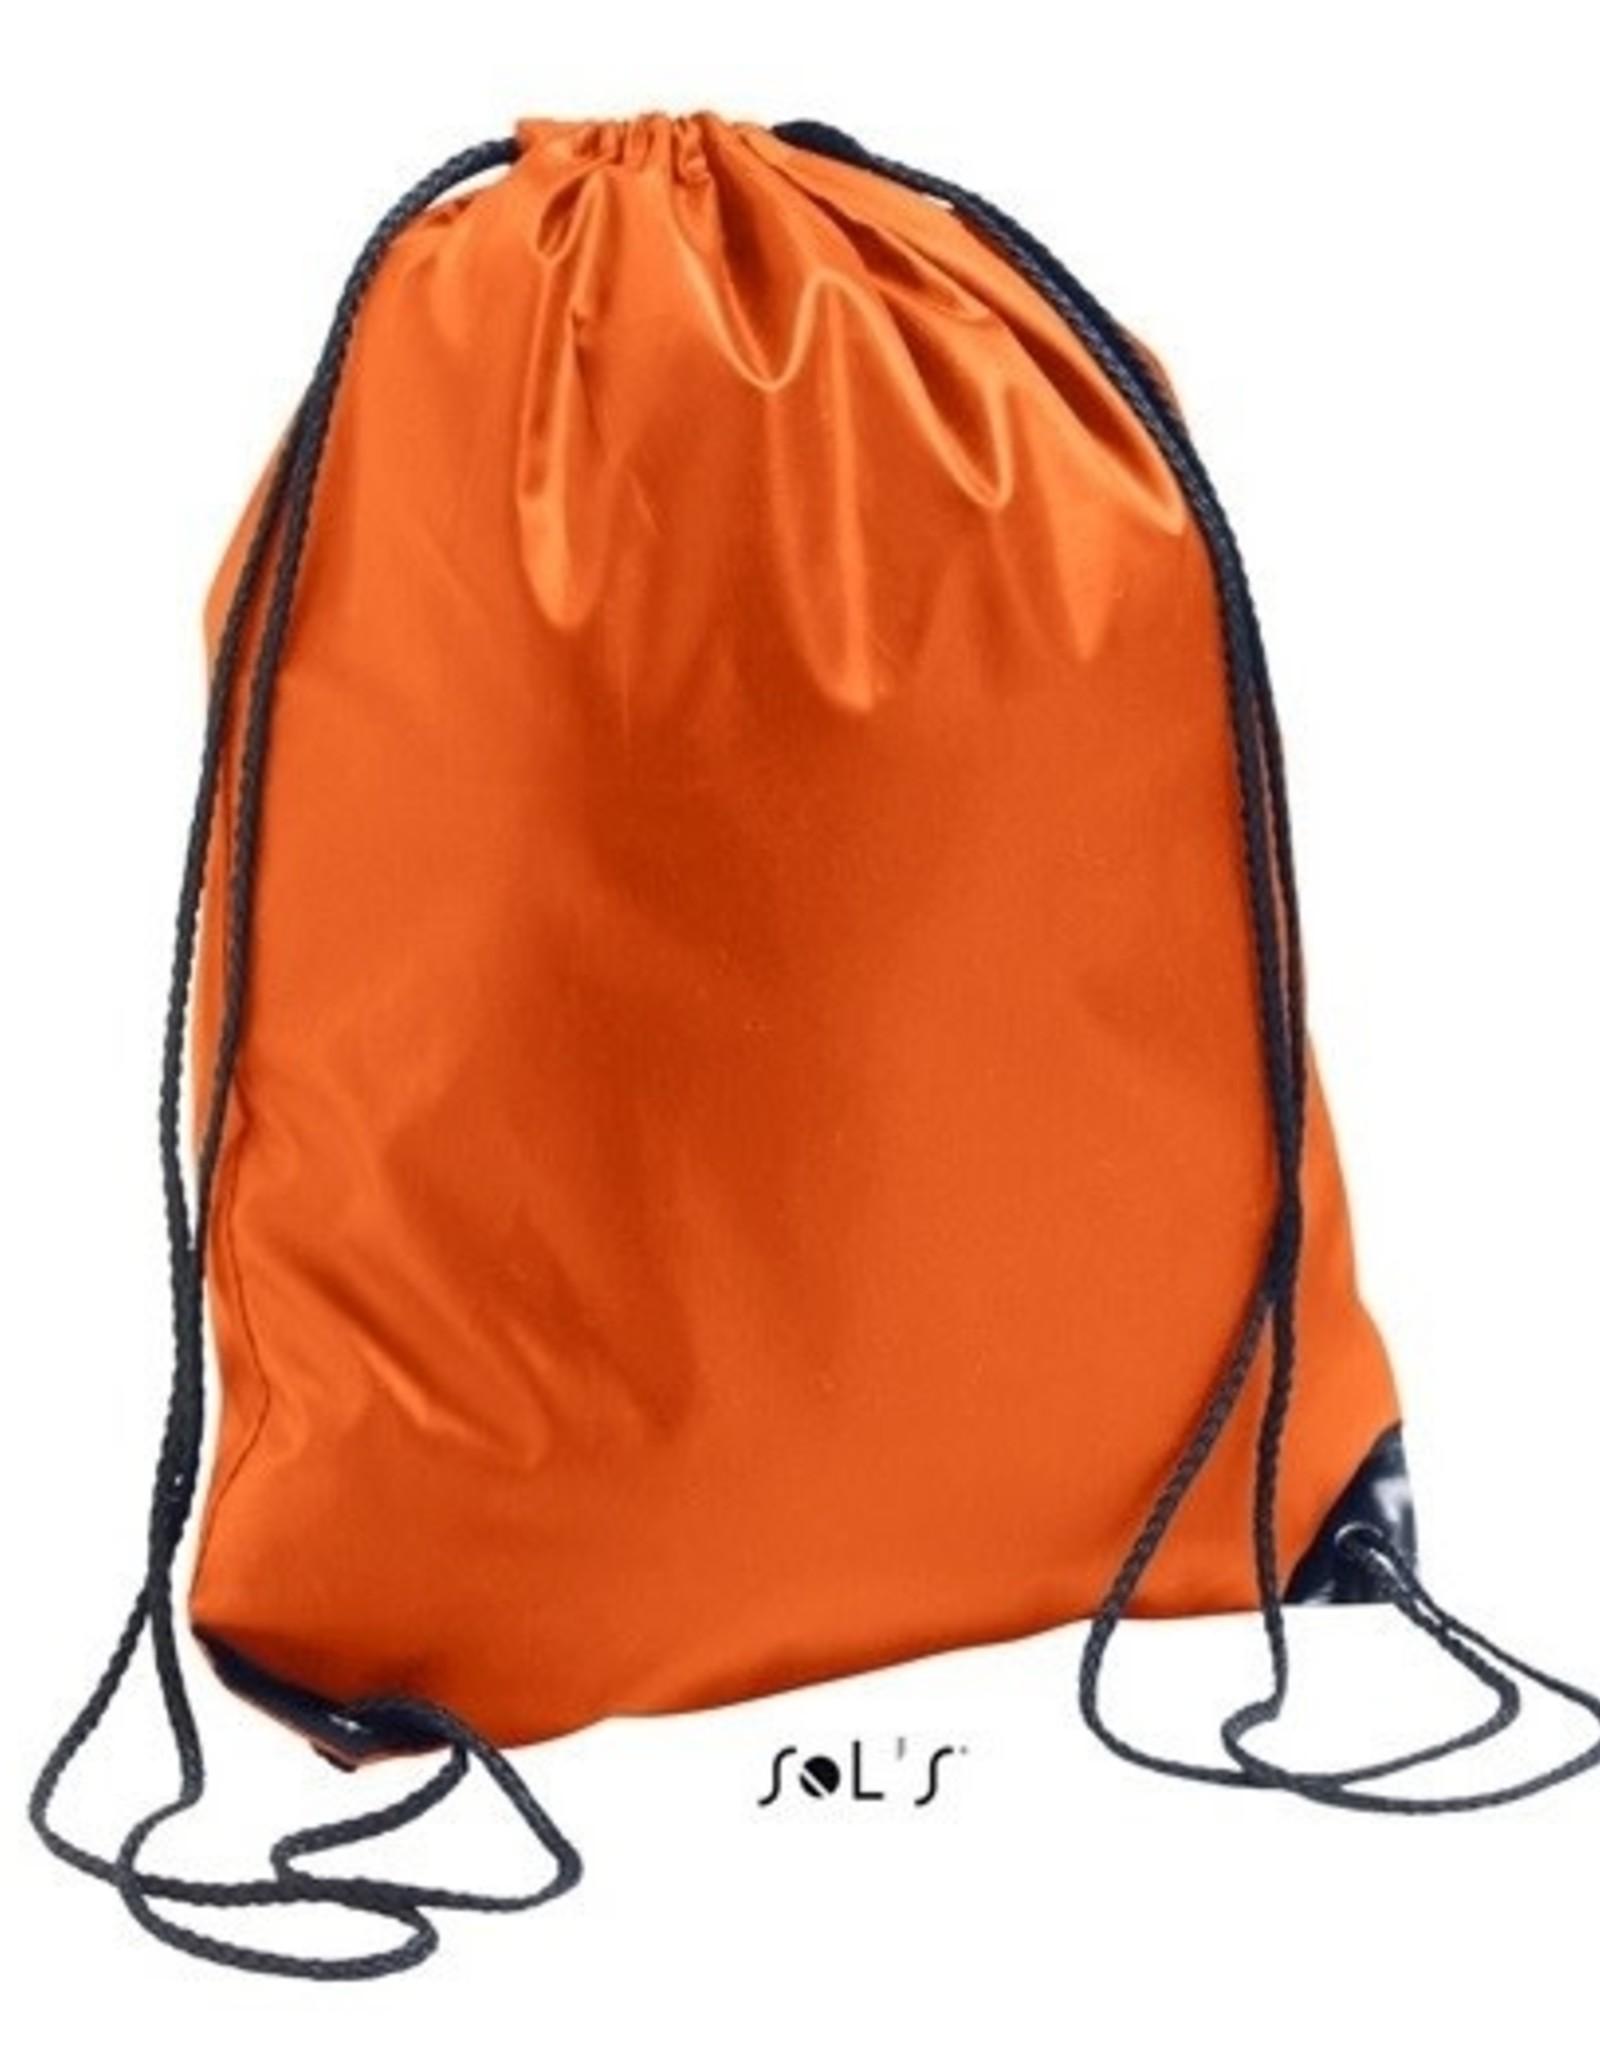 gepersonaliseerde zwemzak oranje